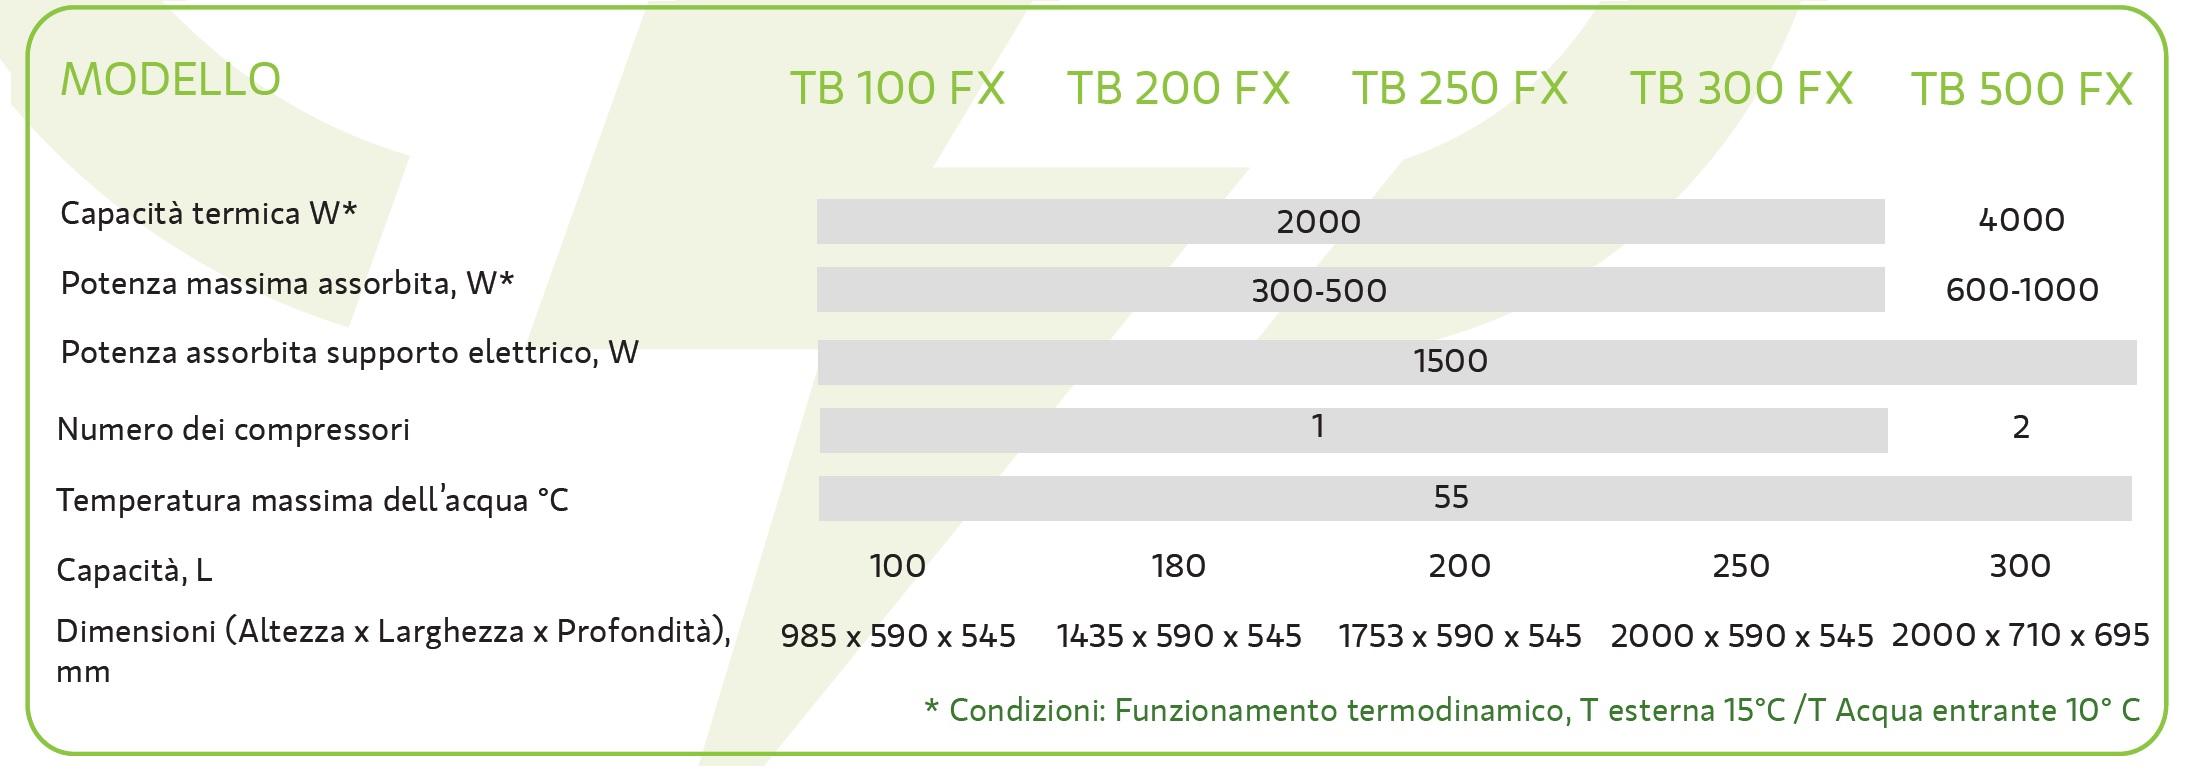 Scheda Tecnica Thermboil serie FX